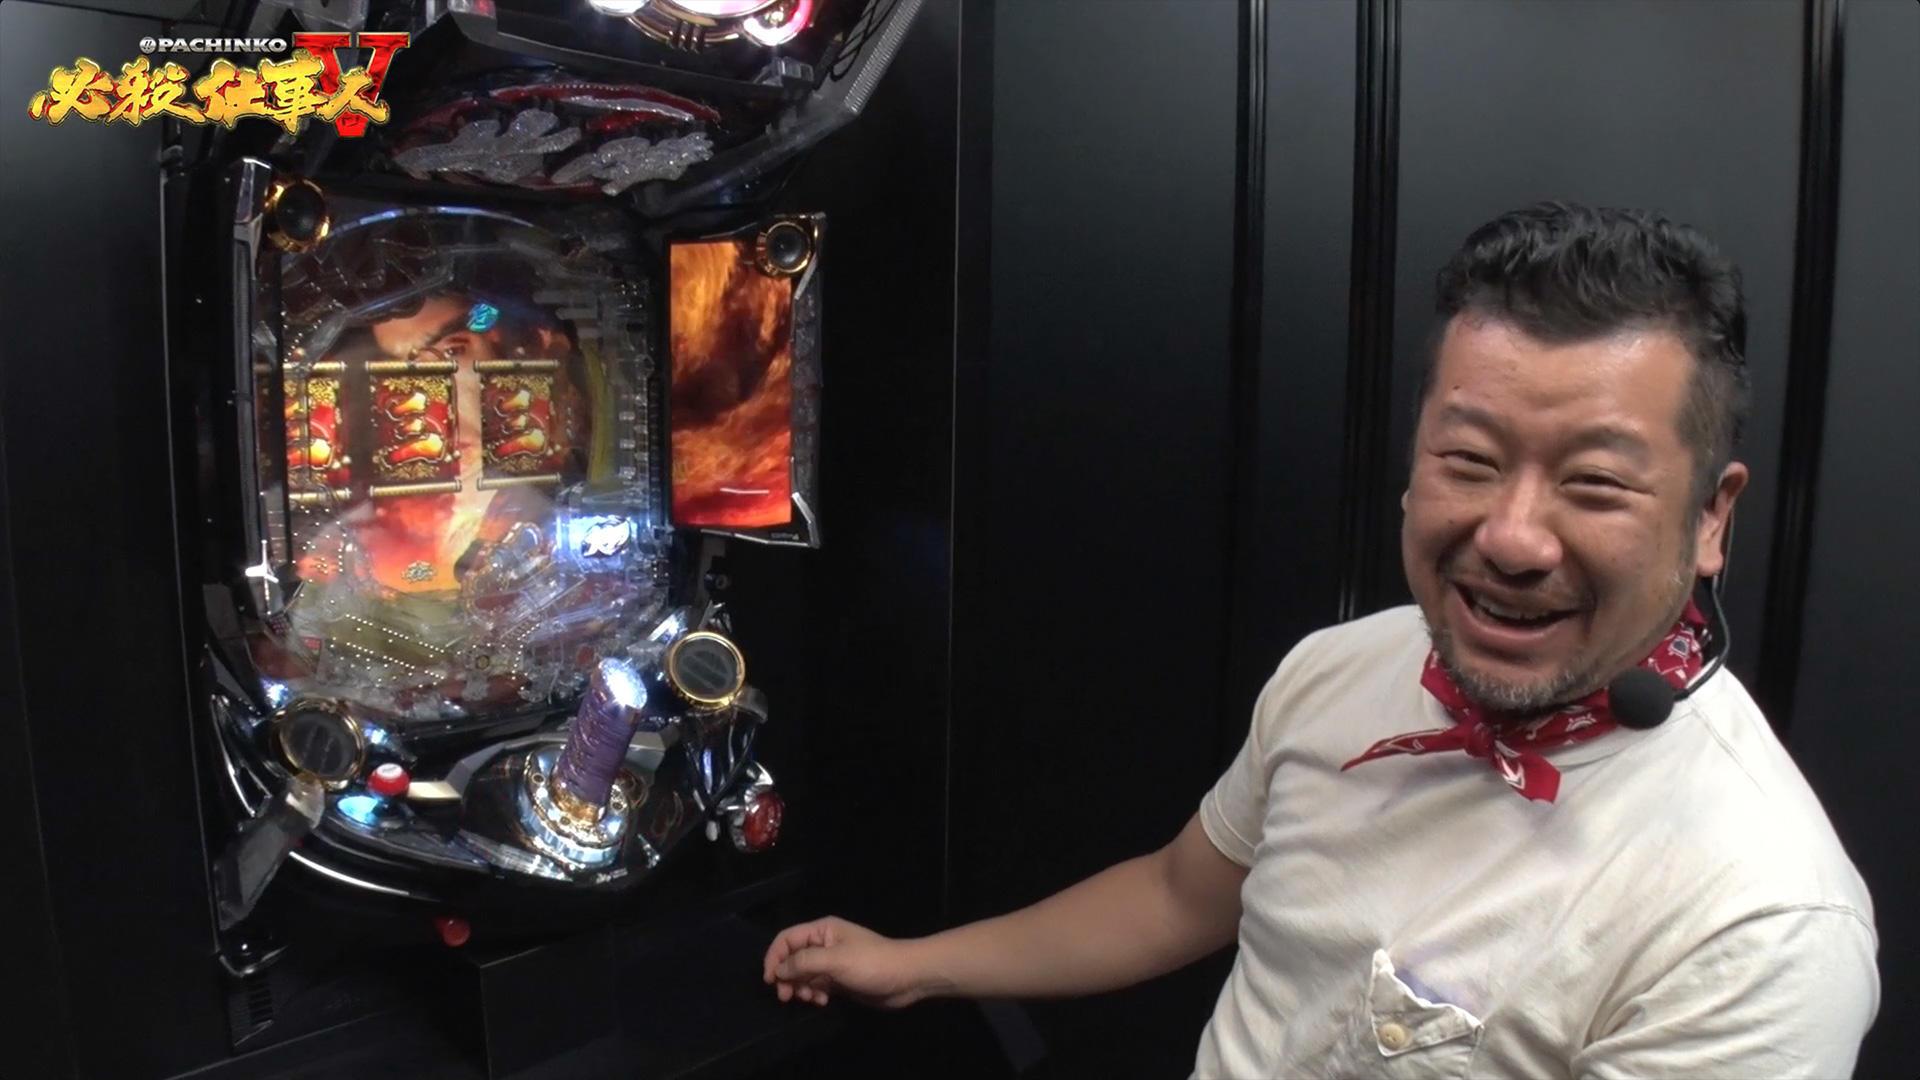 http://news.yoshimoto.co.jp/20170508203306-60139ff1739ca9eb67cb2cf662502a96c8c9561d.jpg